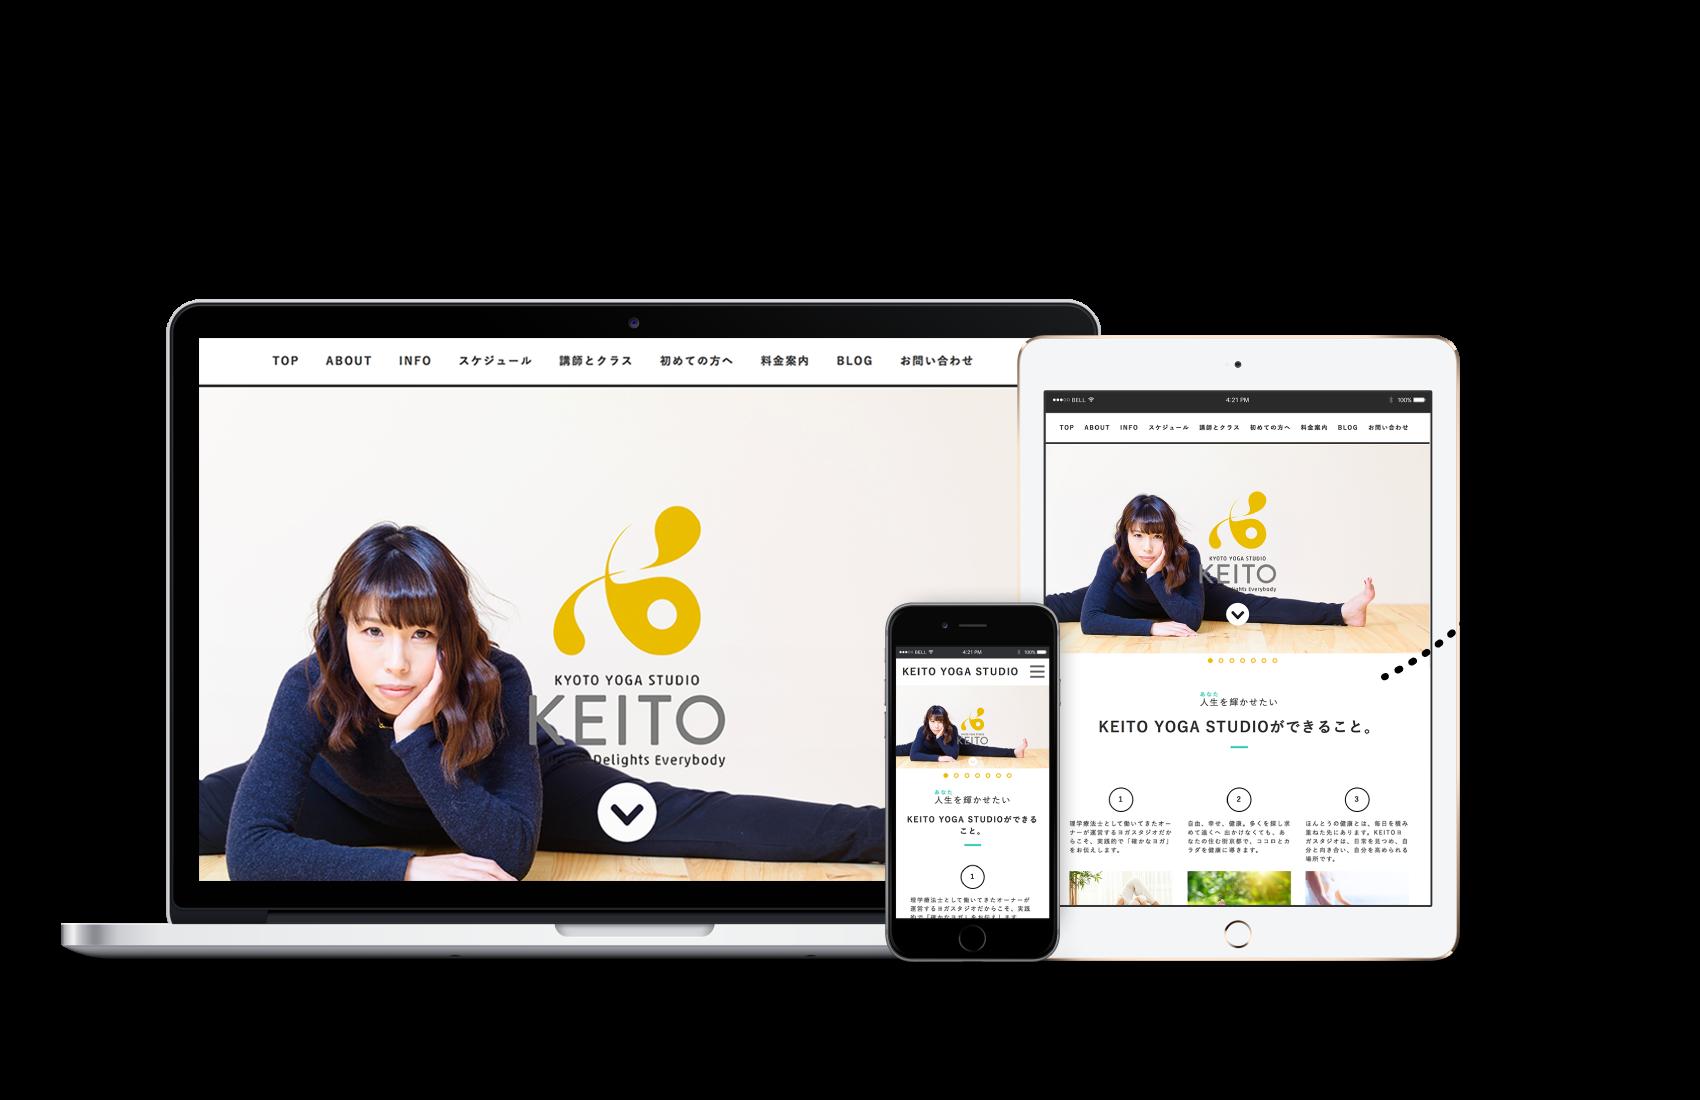 ライトハウスフォトのホームページ制作実績・京都烏丸御池のヨガスタジオケイトのホームページ画像2